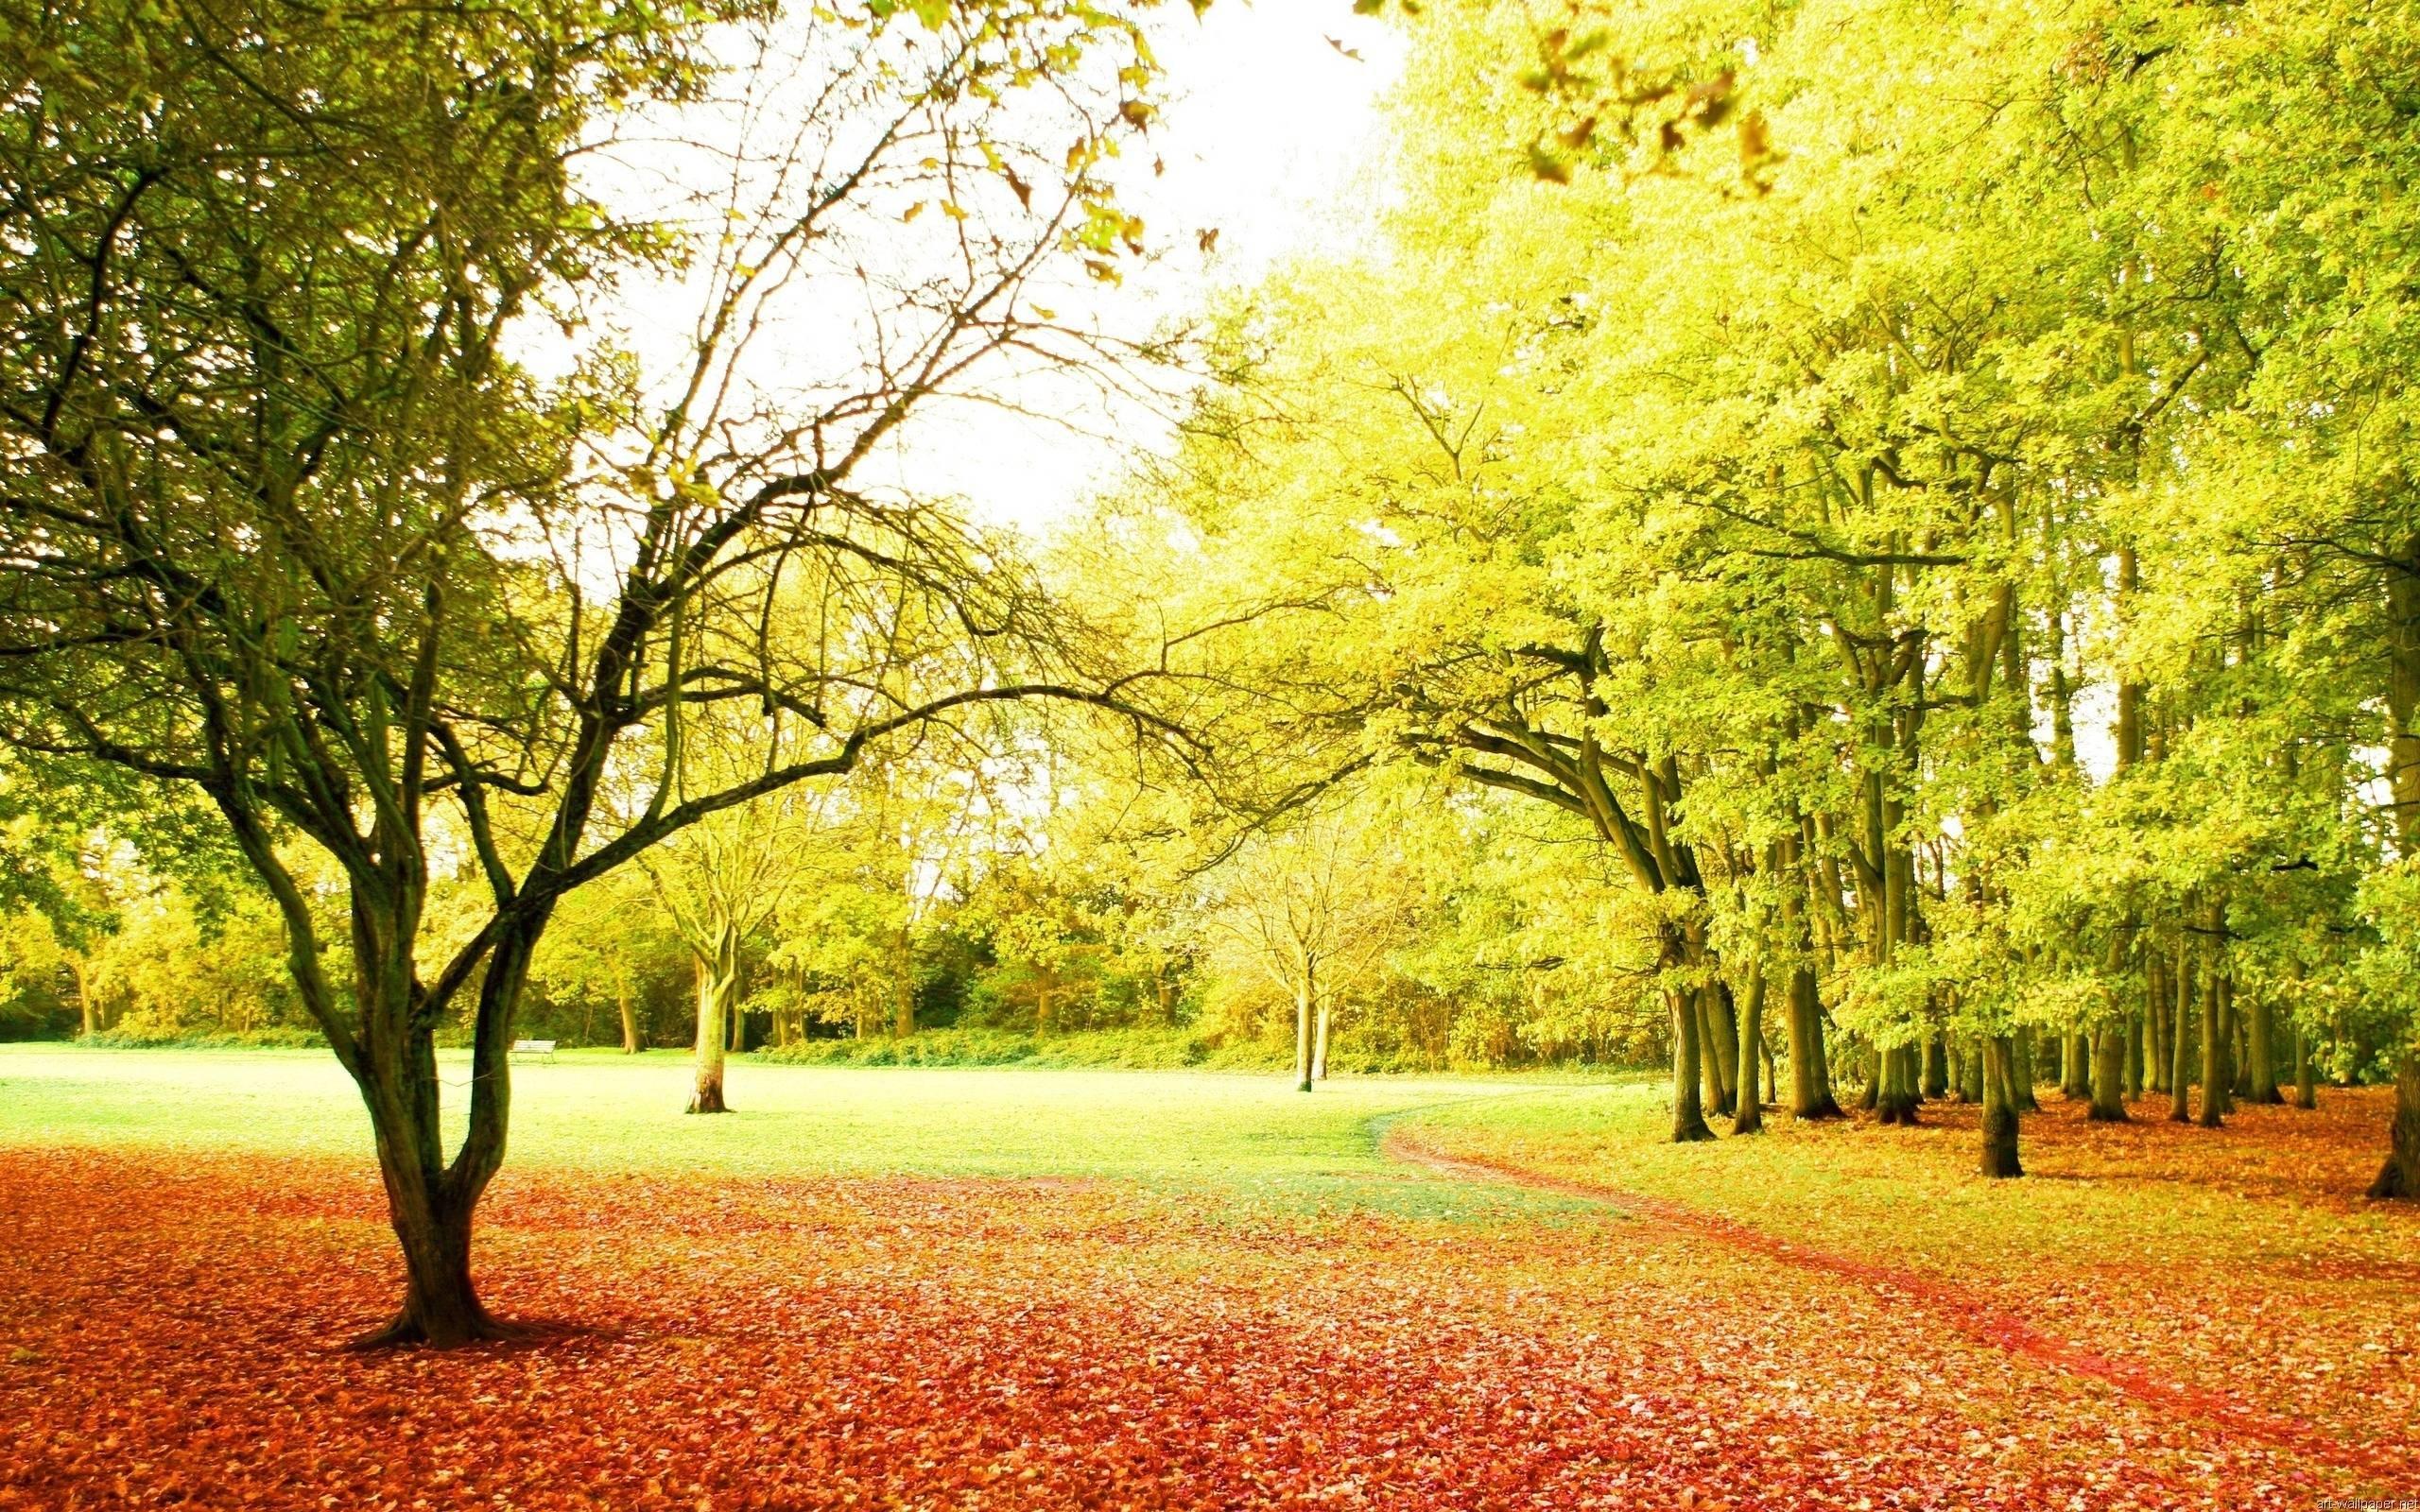 Beautiful Nature Background 1